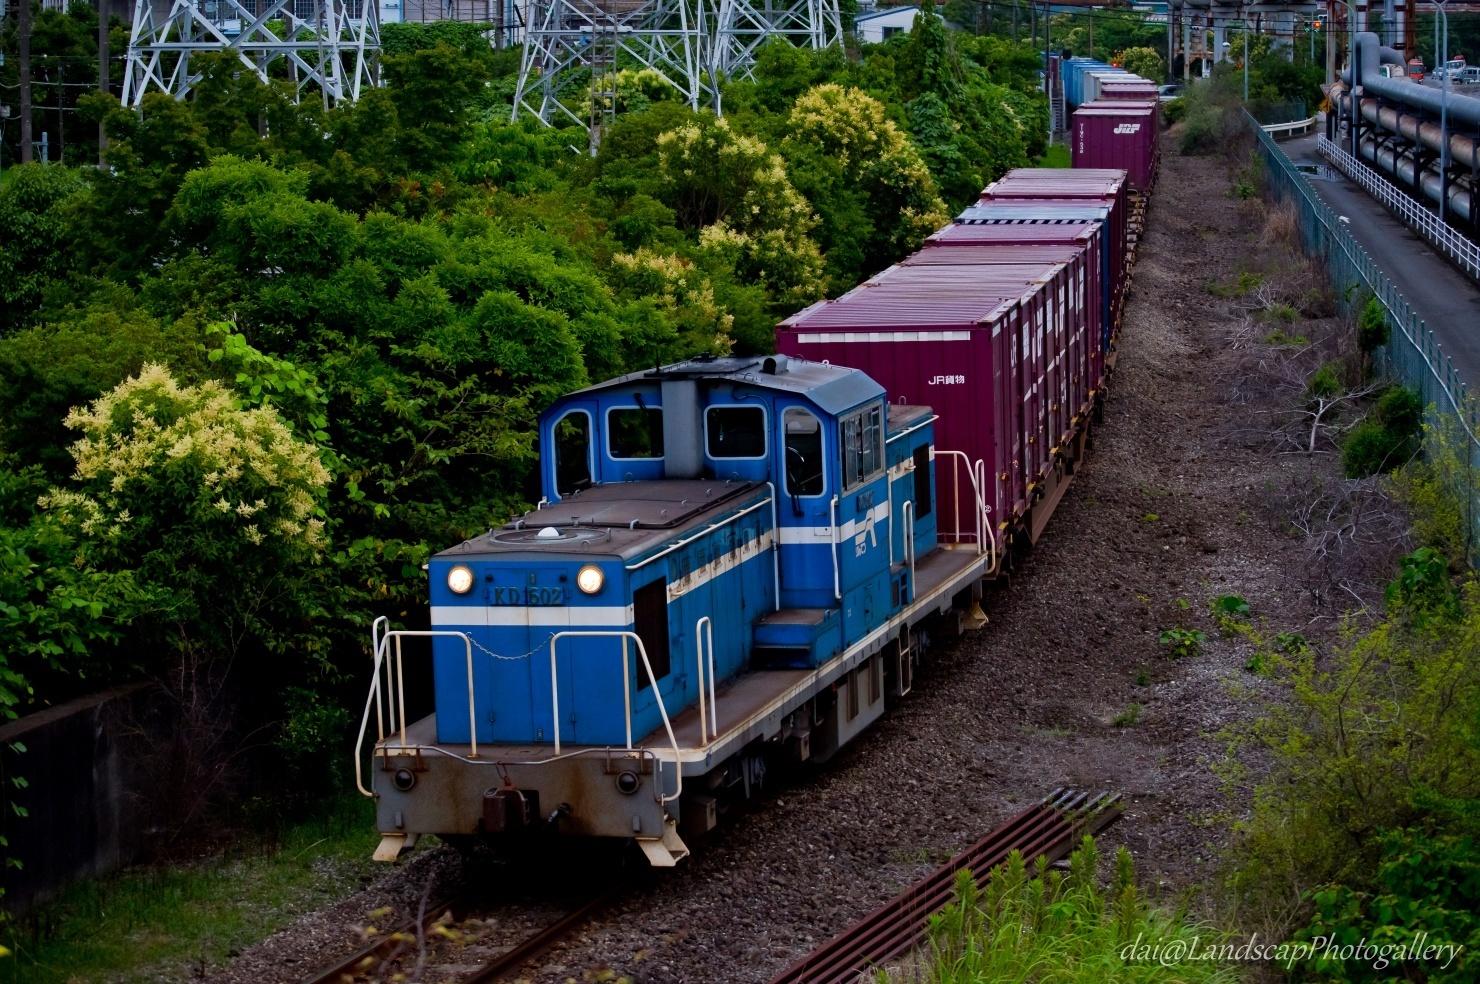 京葉臨海鉄道 KD602 コンテナ列車